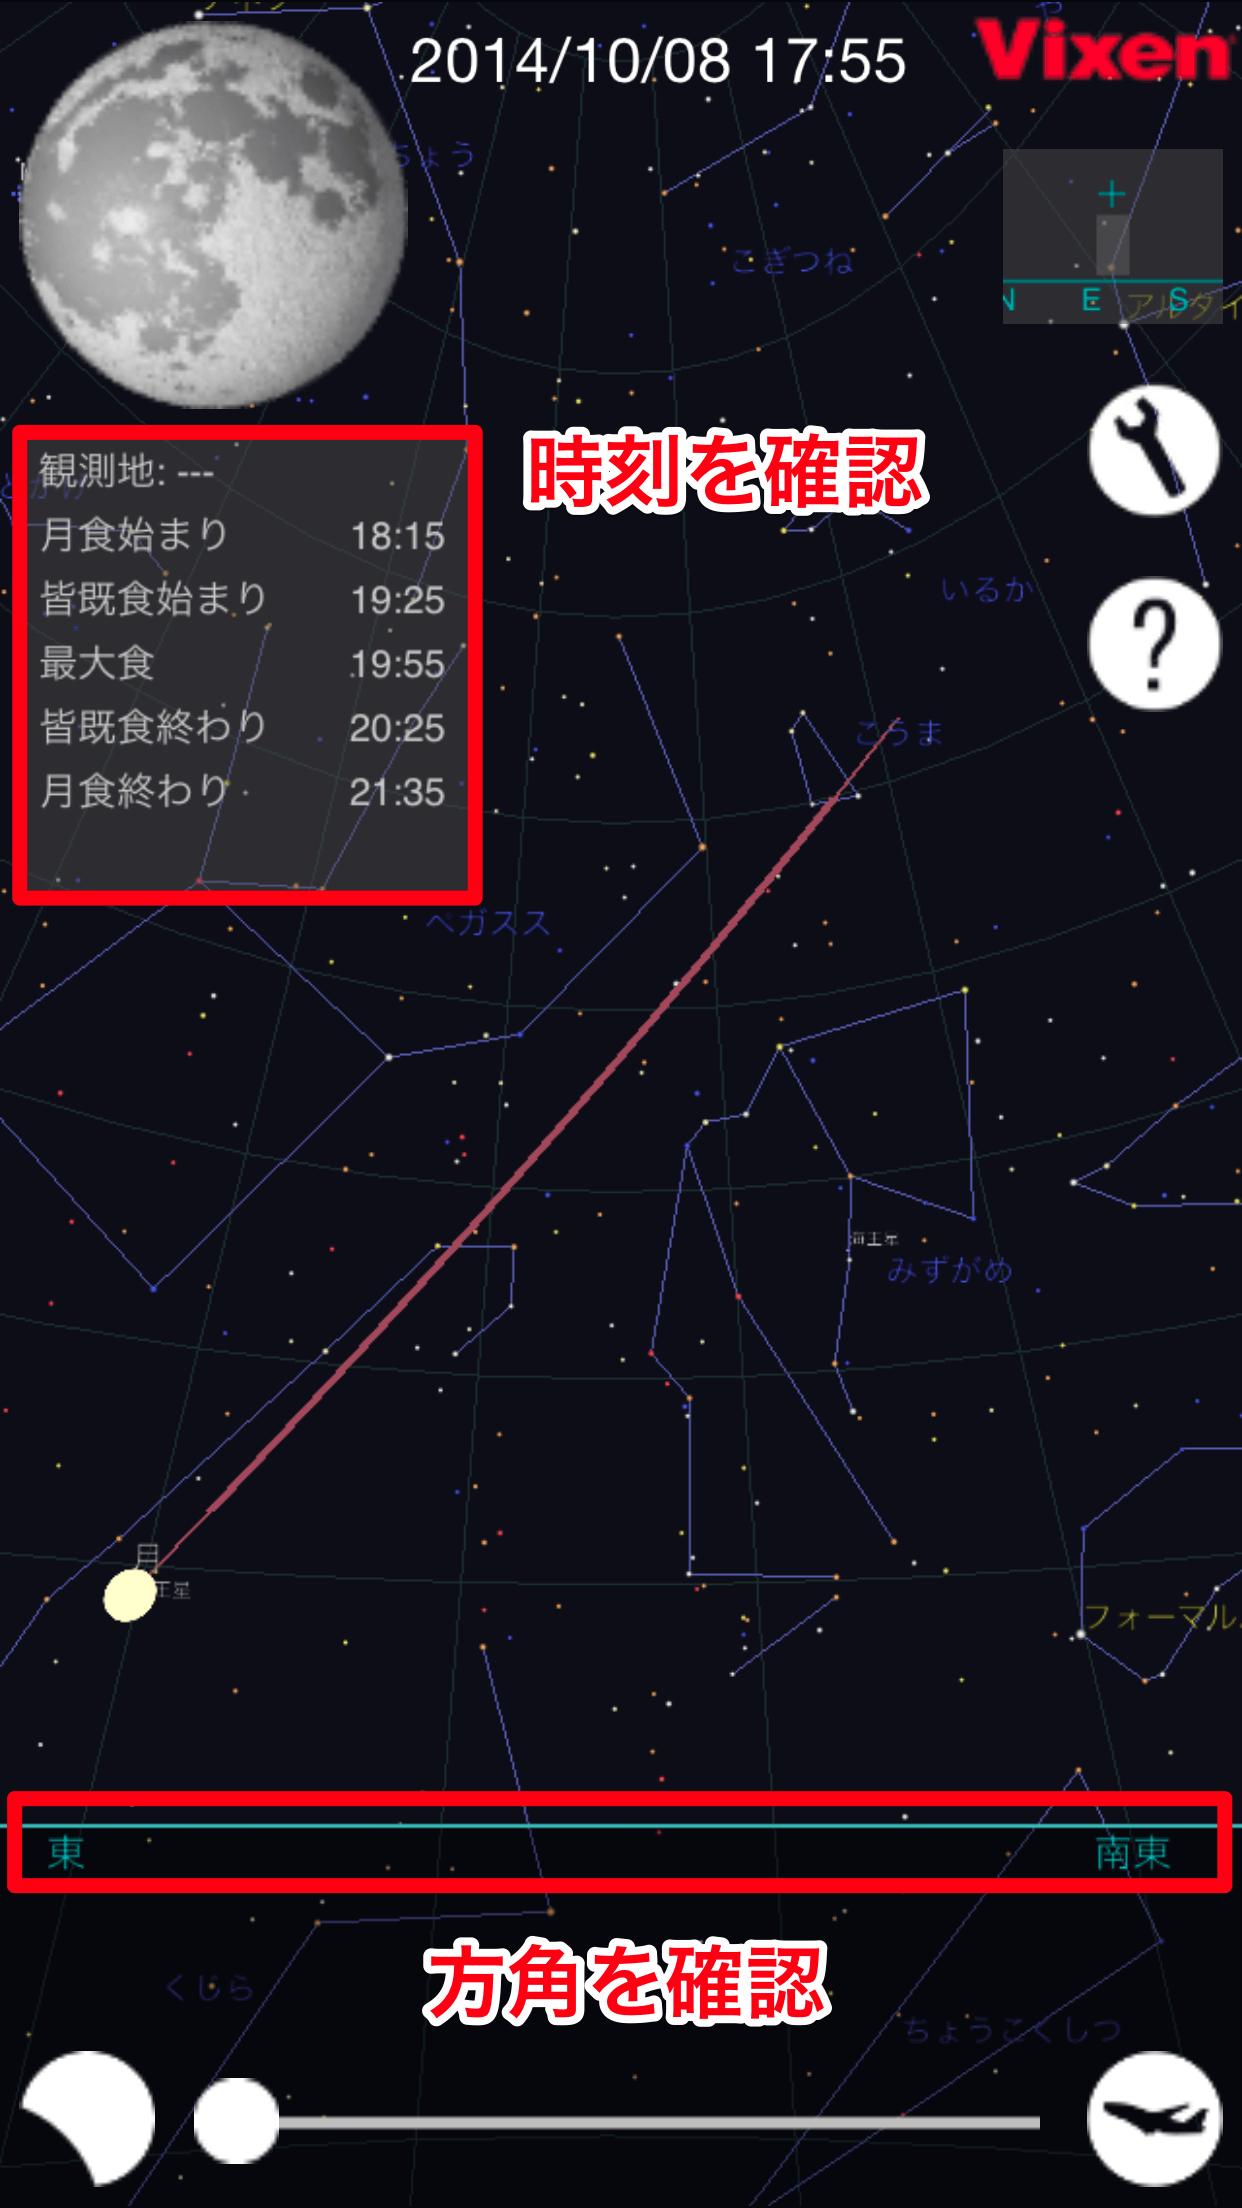 月食の時刻や方角を確認する